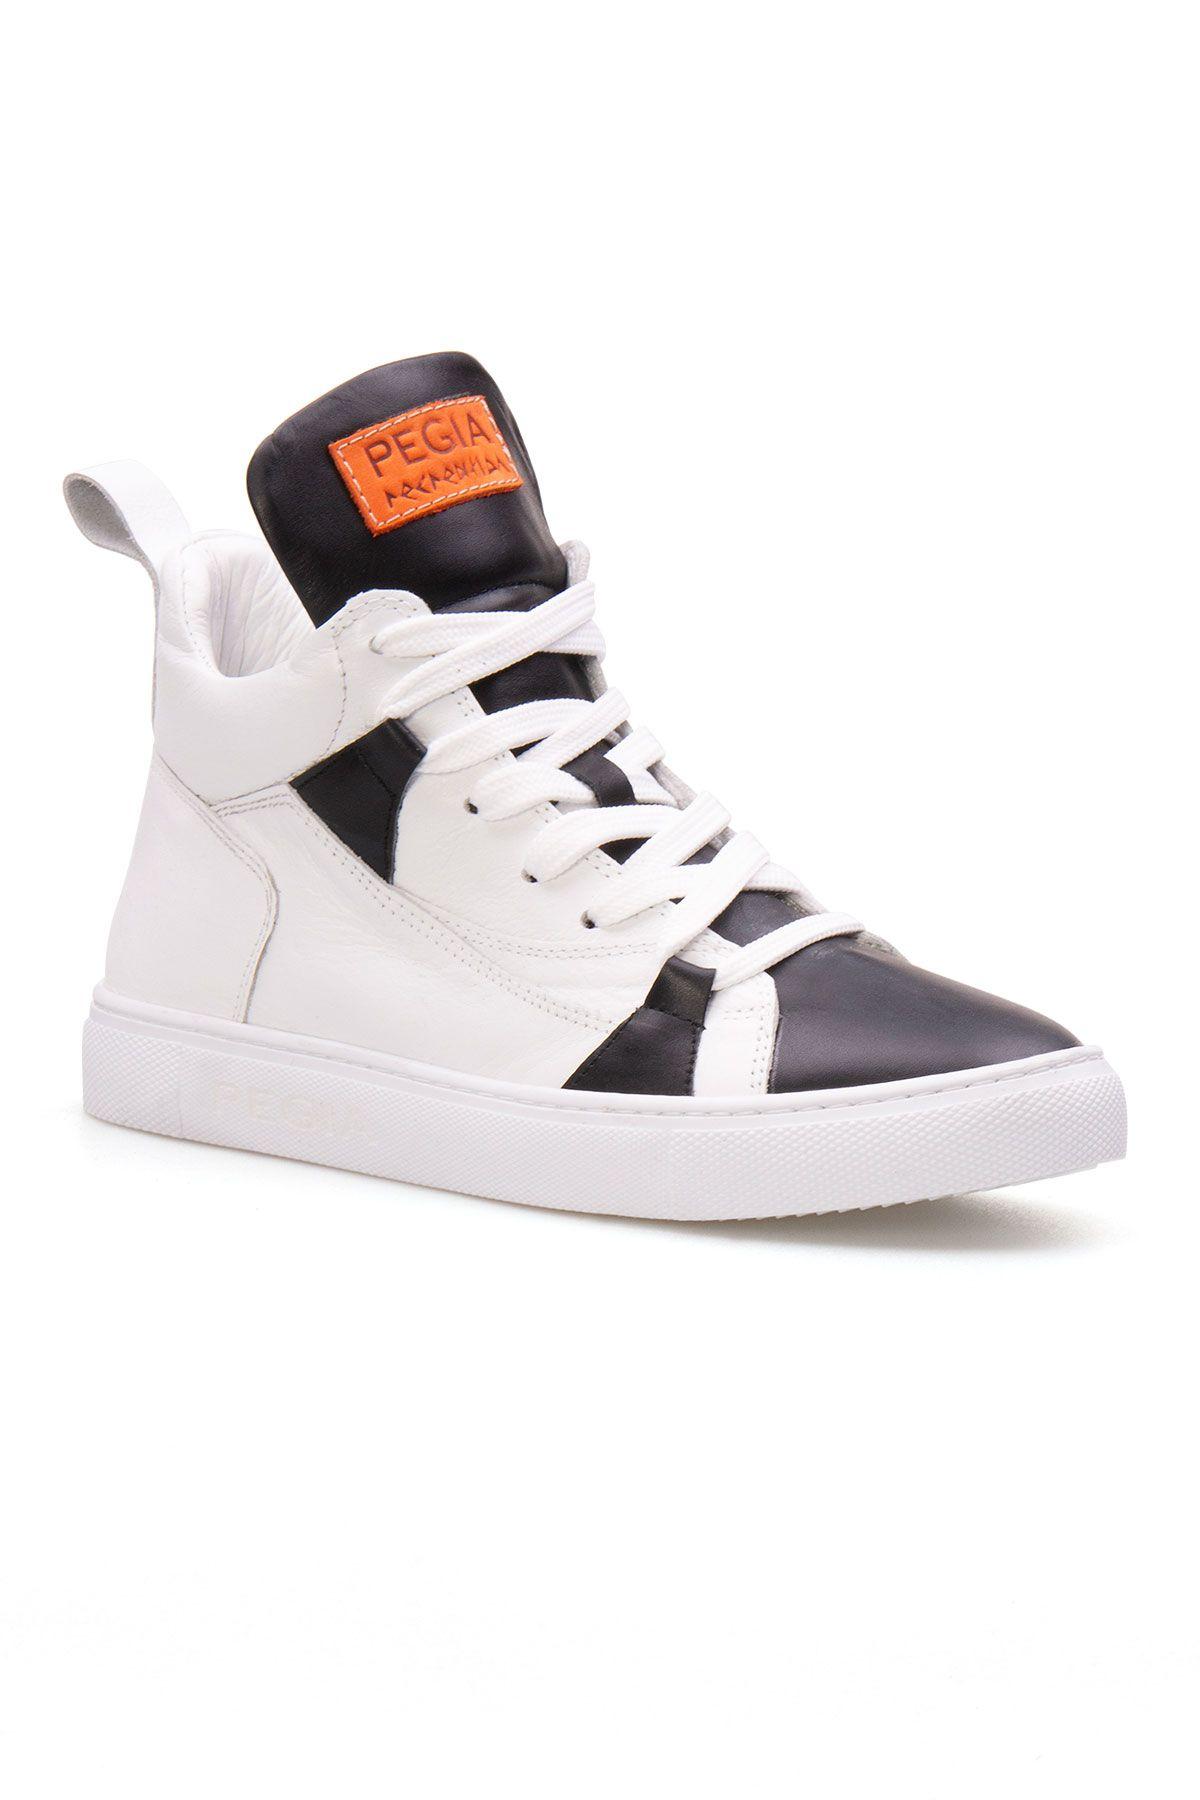 Pegia Genuine Leather Women's Sneaker LA1407 Black